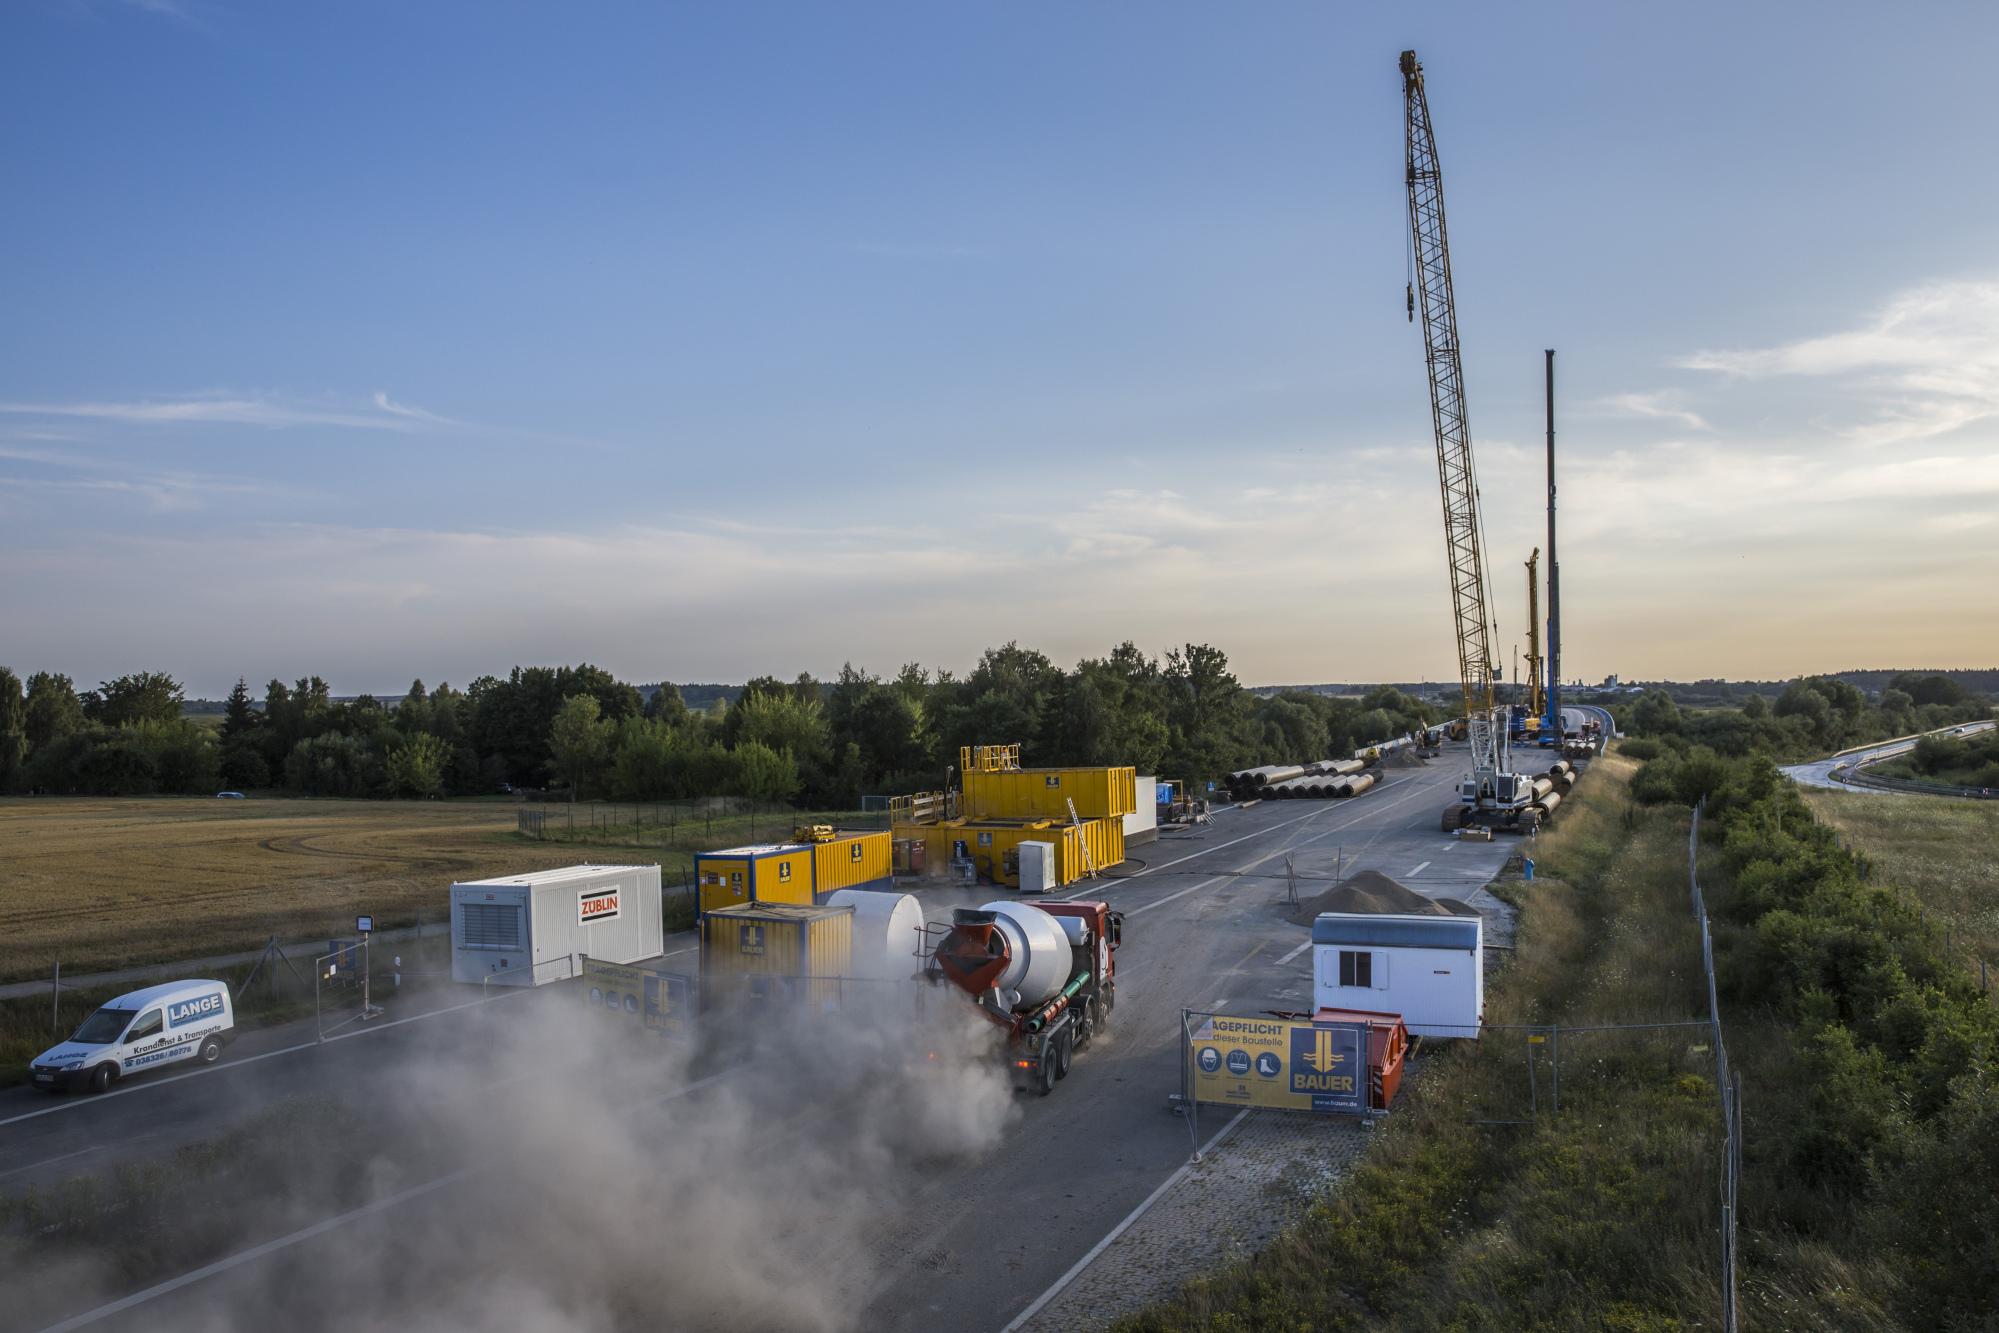 bloomberg.com - Leonard Kehnscherper - Germany's Infrastructure Skids Into Crisis on Merkel's Autobahn